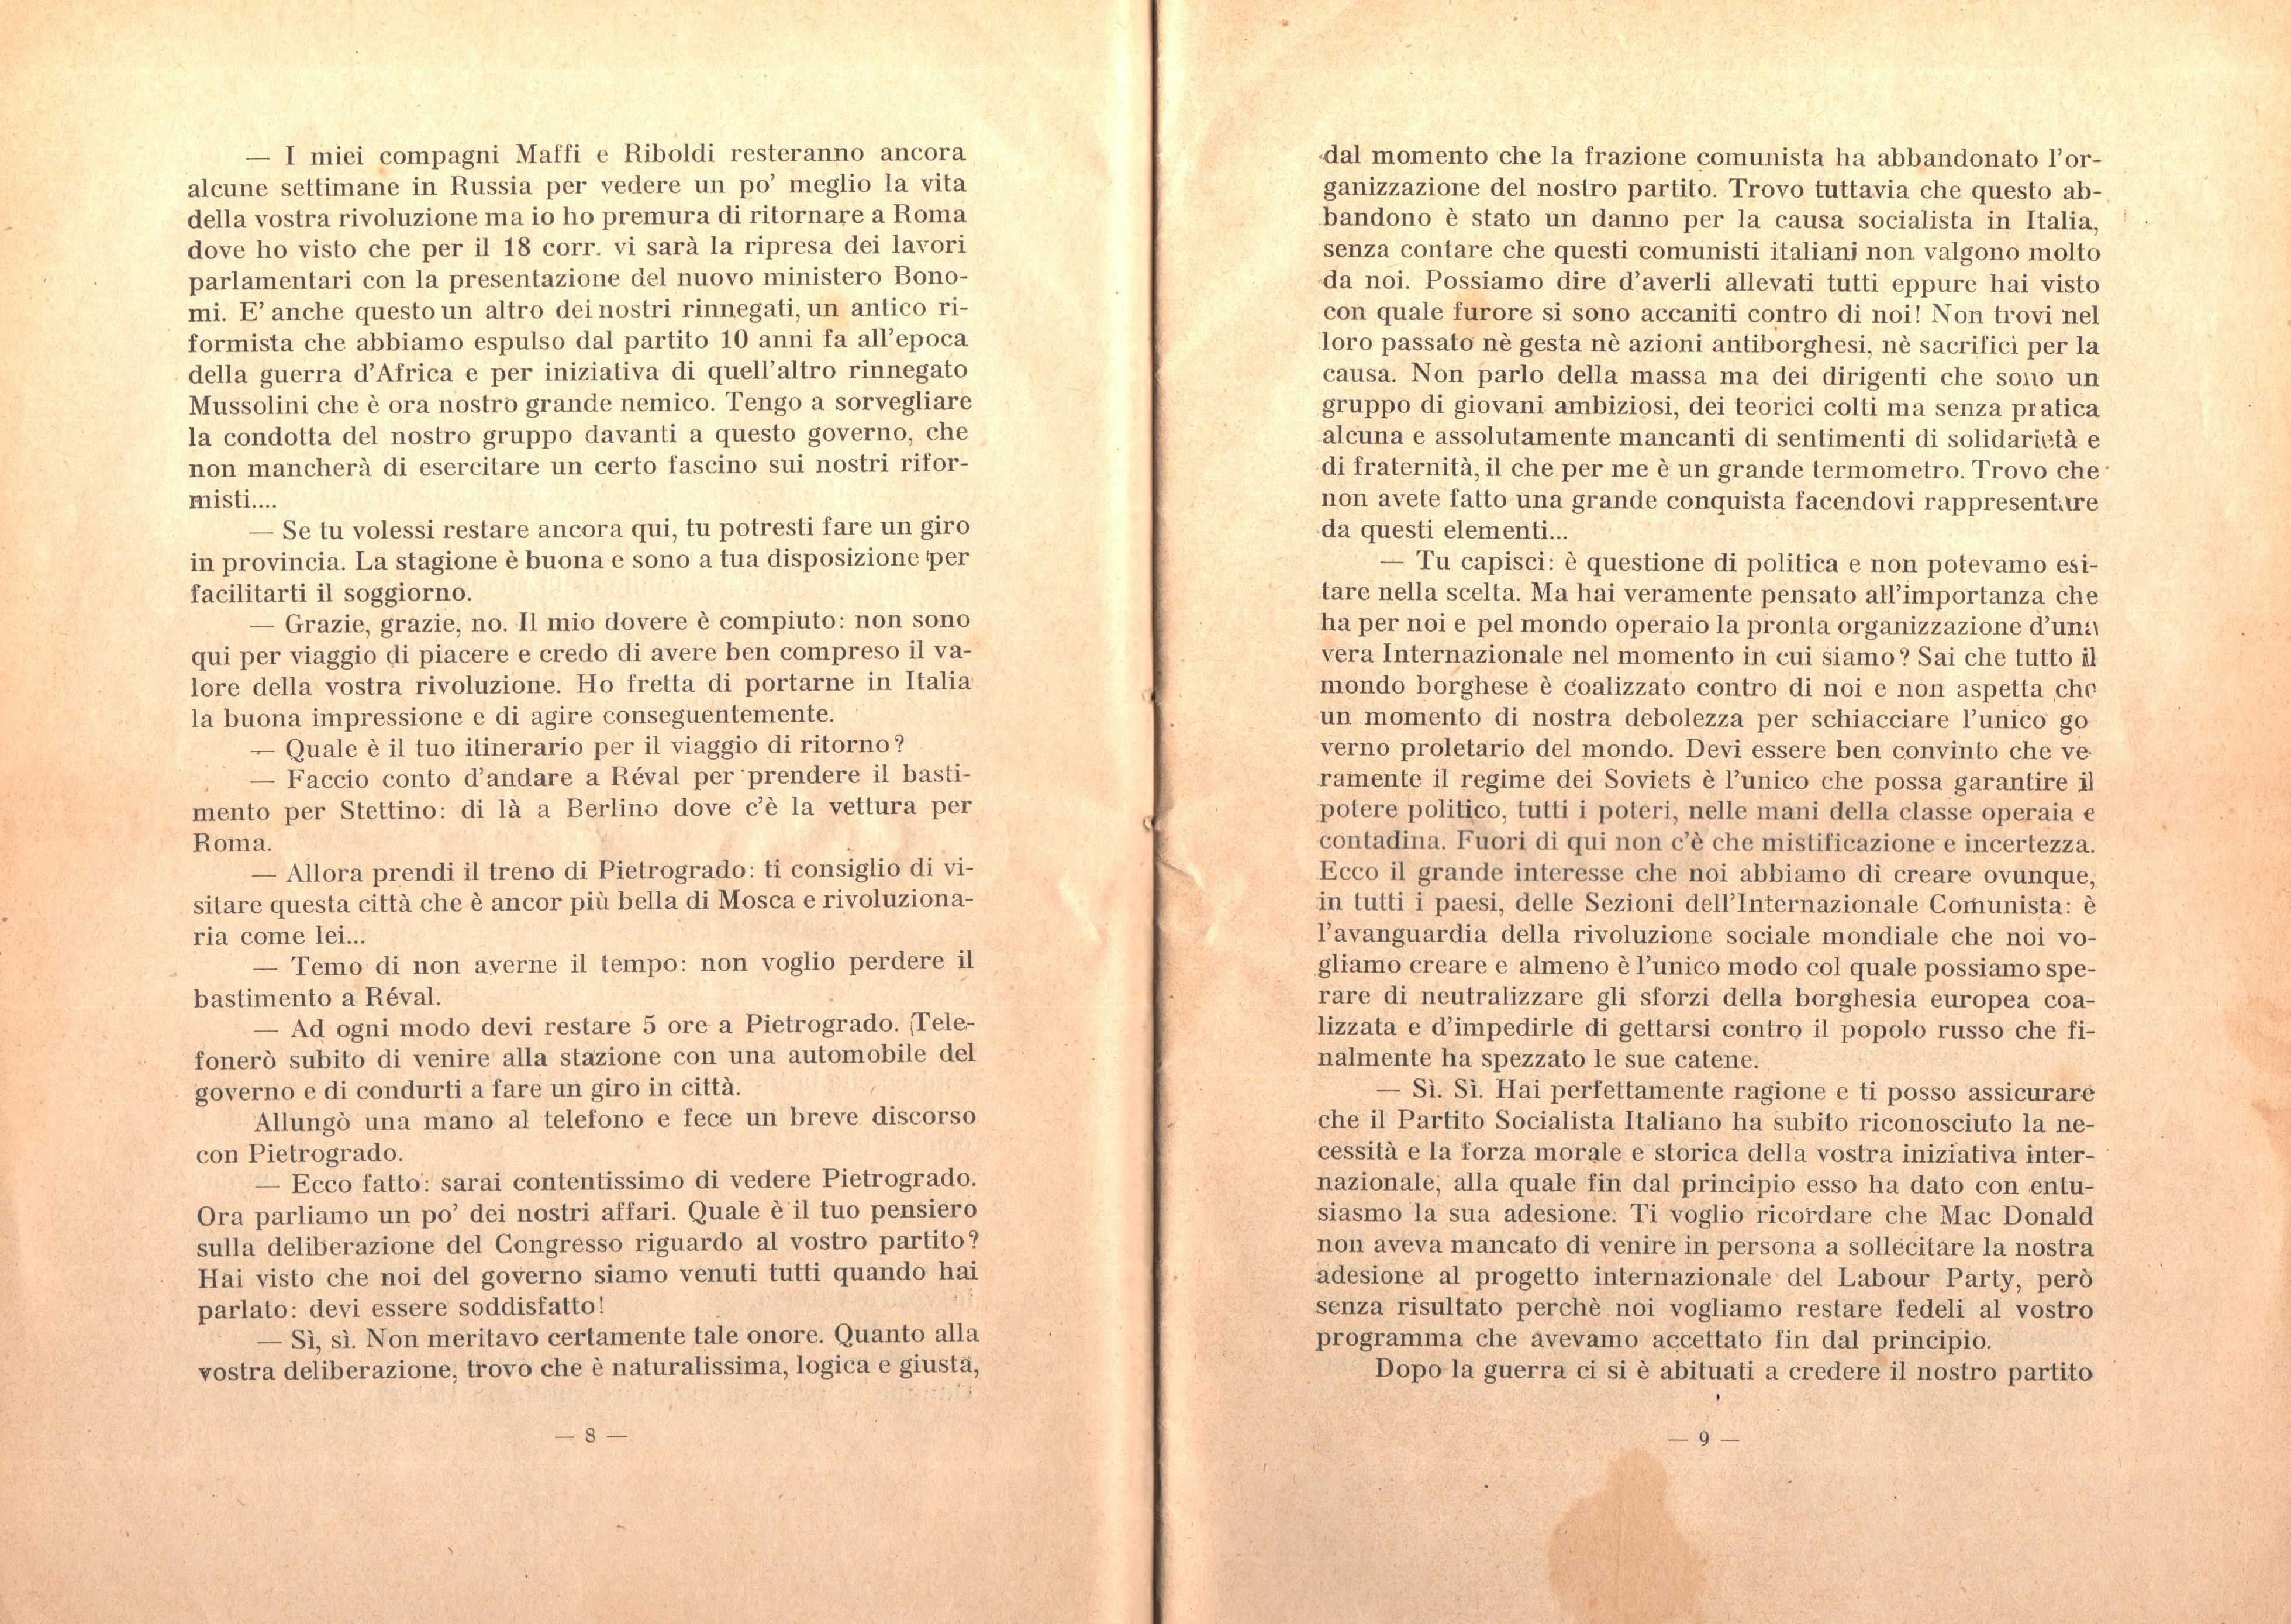 C. Lazzari, Il mio ultimo colloquio con Nicola Lenin - pag. 6